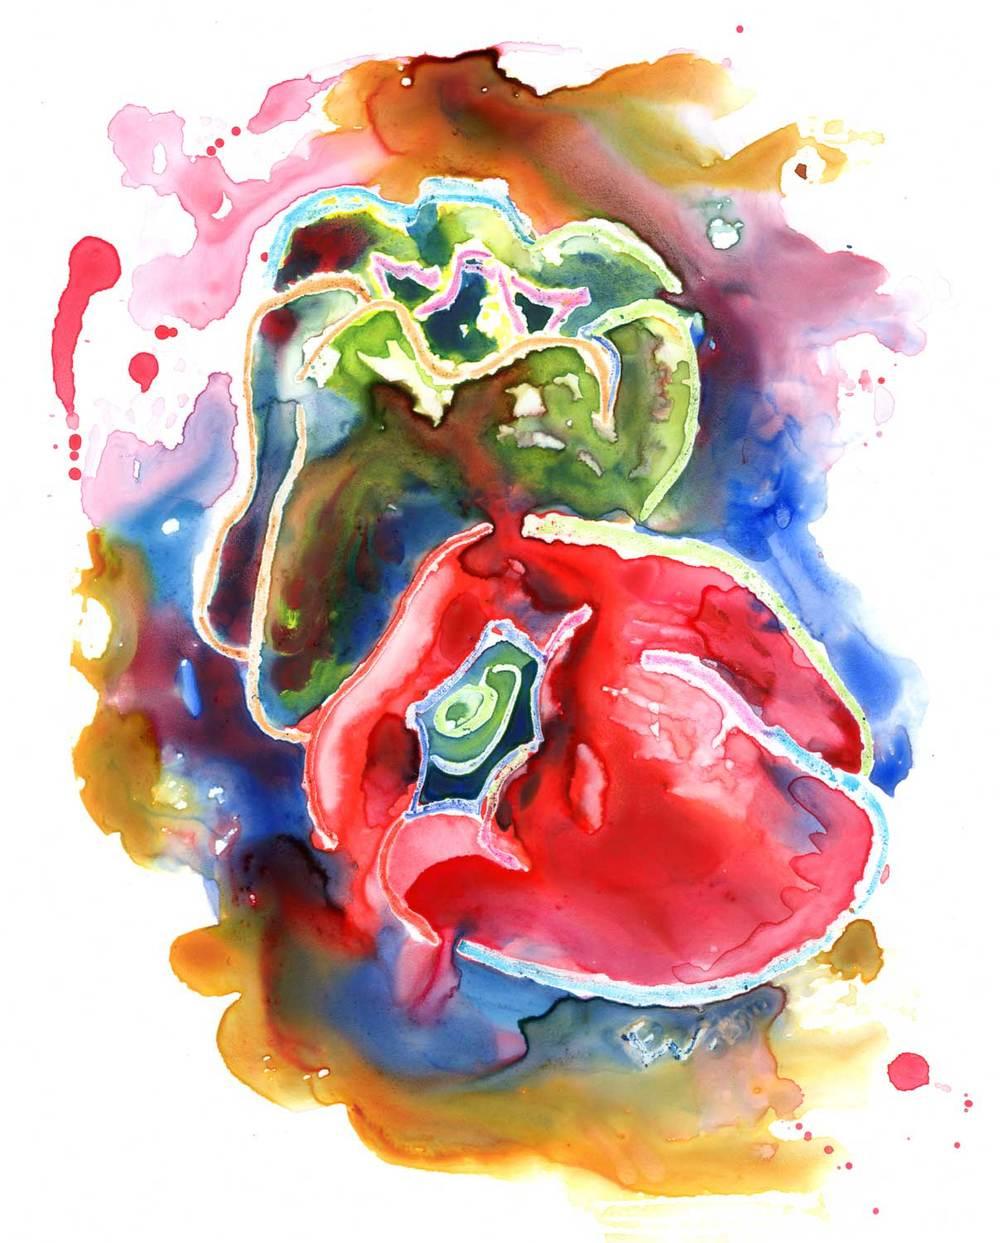 bell-peppers.jpg